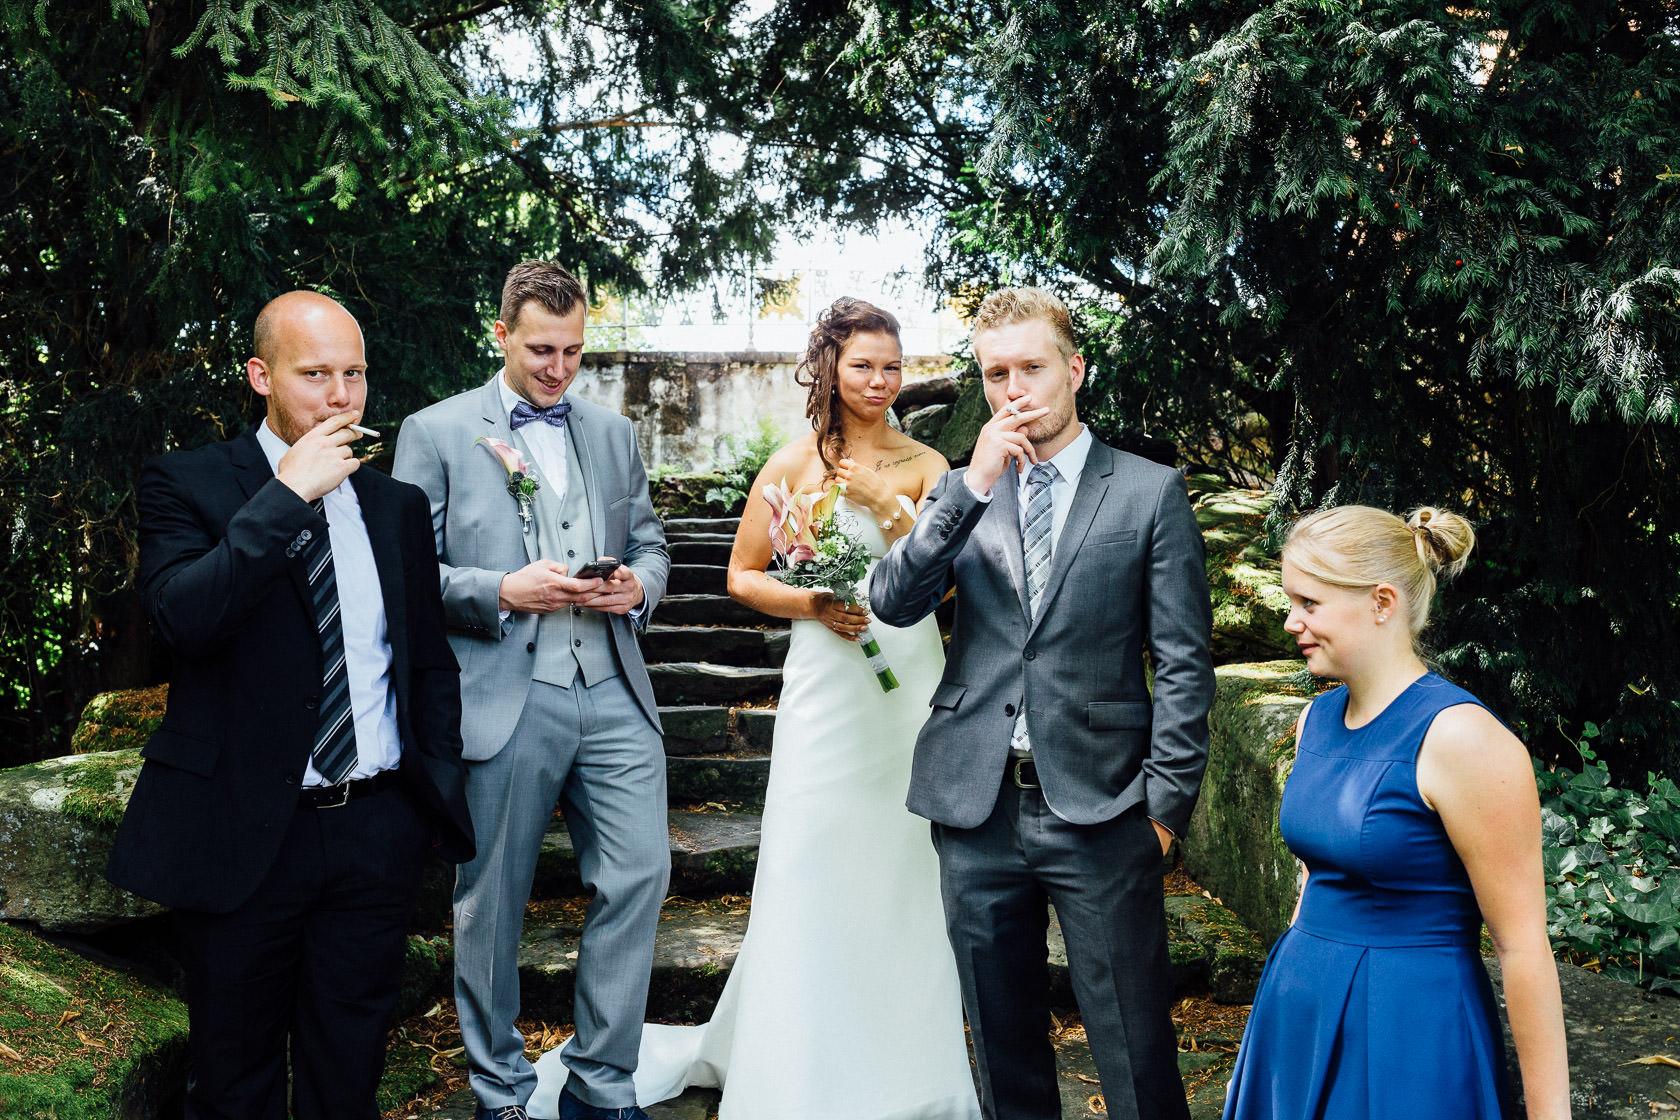 Freie Trauung Jenny und Mathias im Schloss Schwetzingen Ausgefallenes Gruppenfoto bei Hochzeit